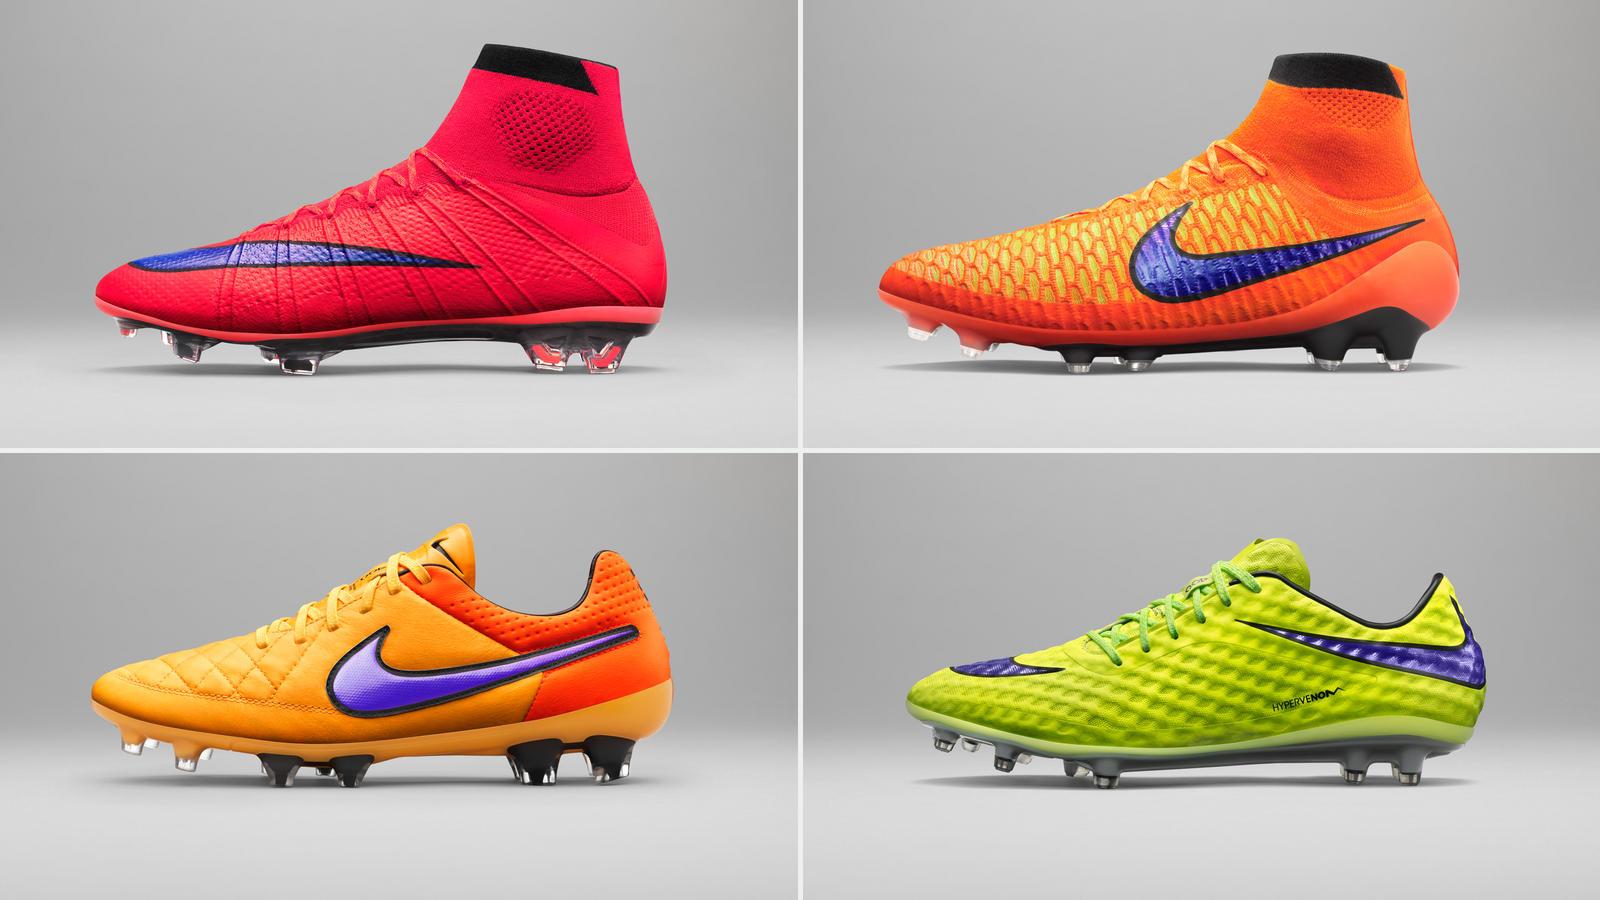 eb04df37451c4 Nike apresenta tons quentes em nova coleção de chuteiras - Nike News